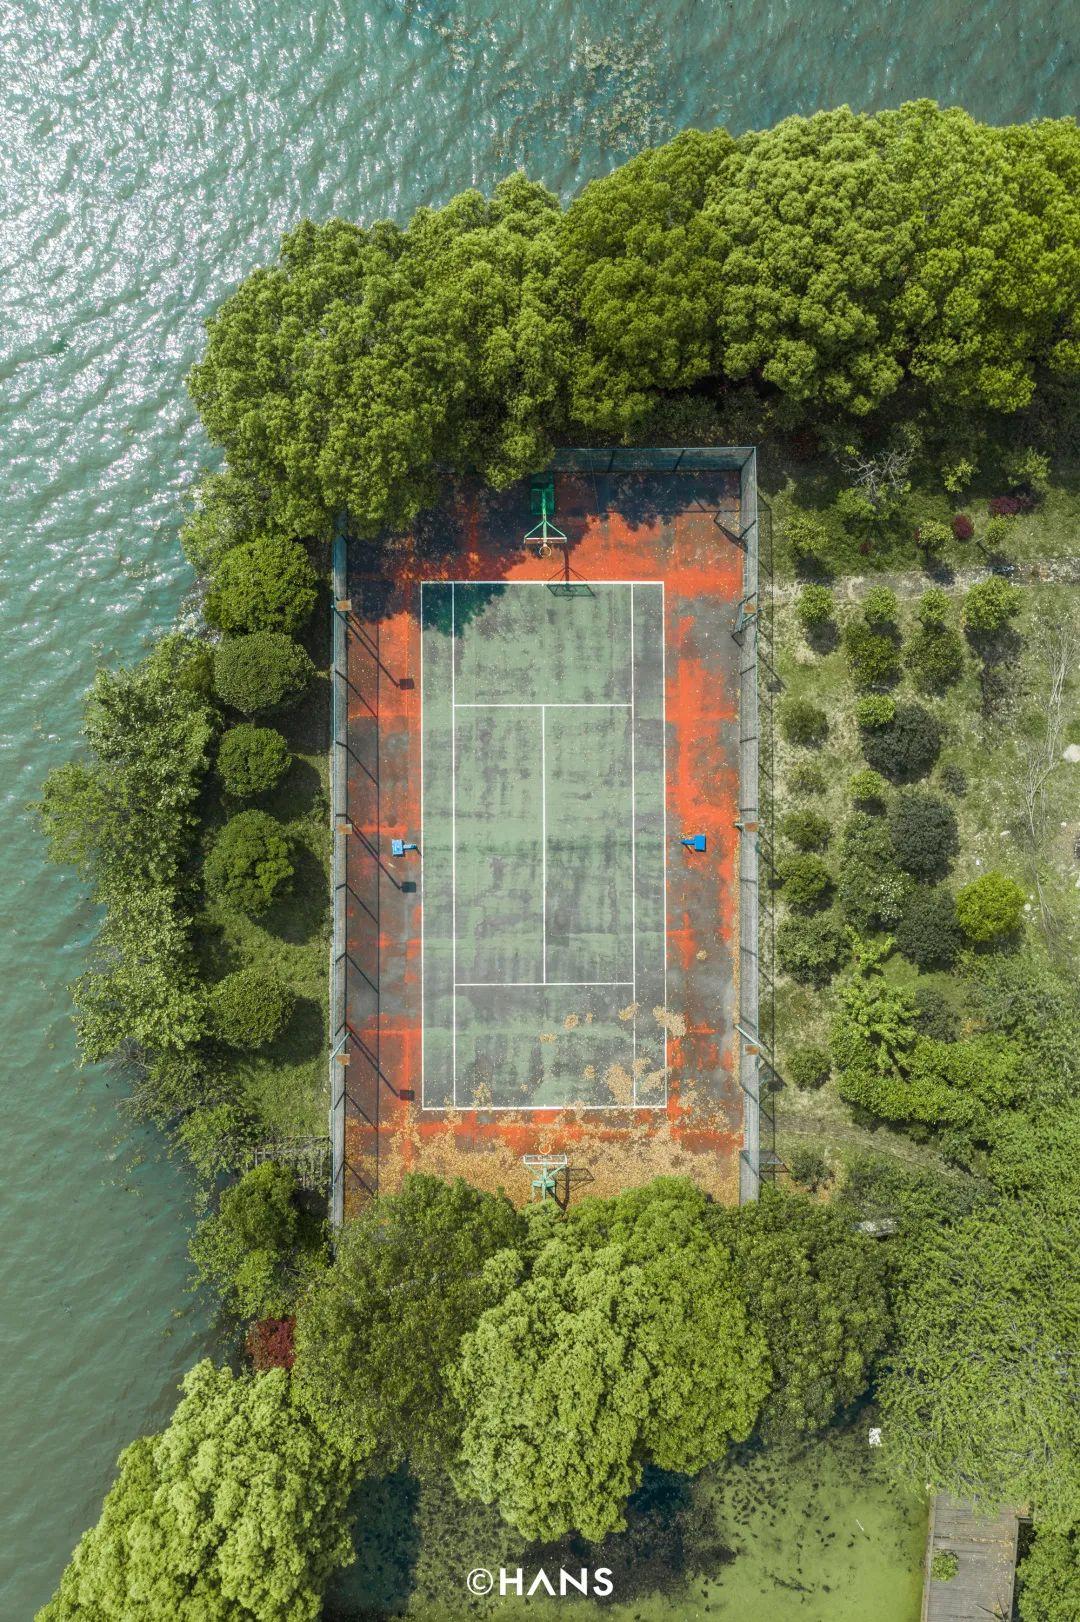 雁中咀边上有个临湖网球场,四面是湖、鱼塘,人进不去,只有飞机能看见它。